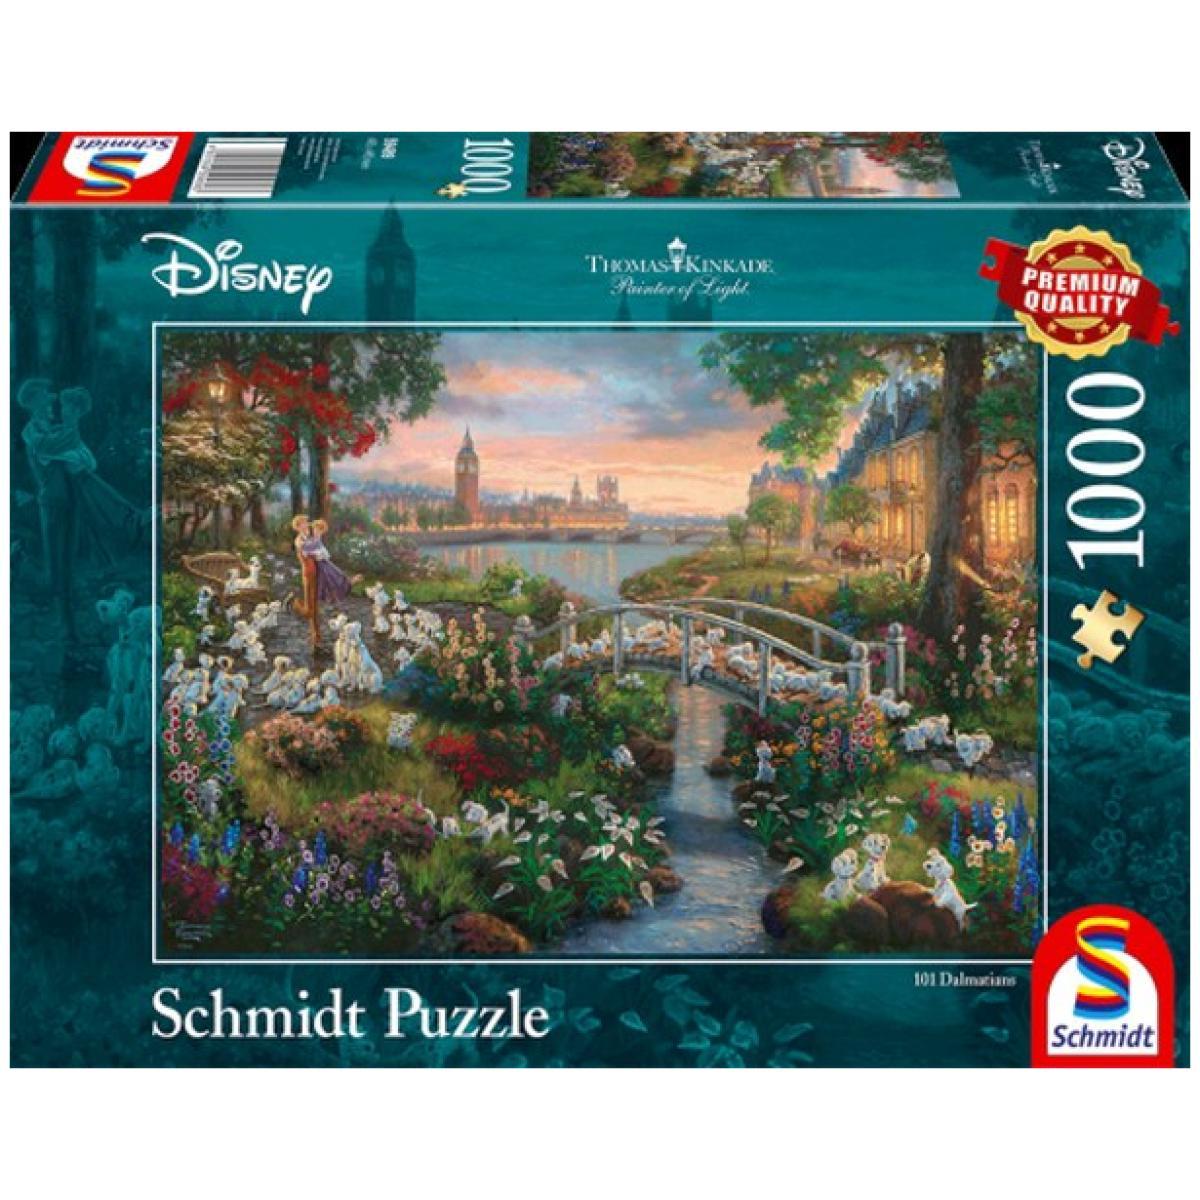 Sestavljanka puzzle 1000 delna Schmidt Disney 101 Dalmatinec